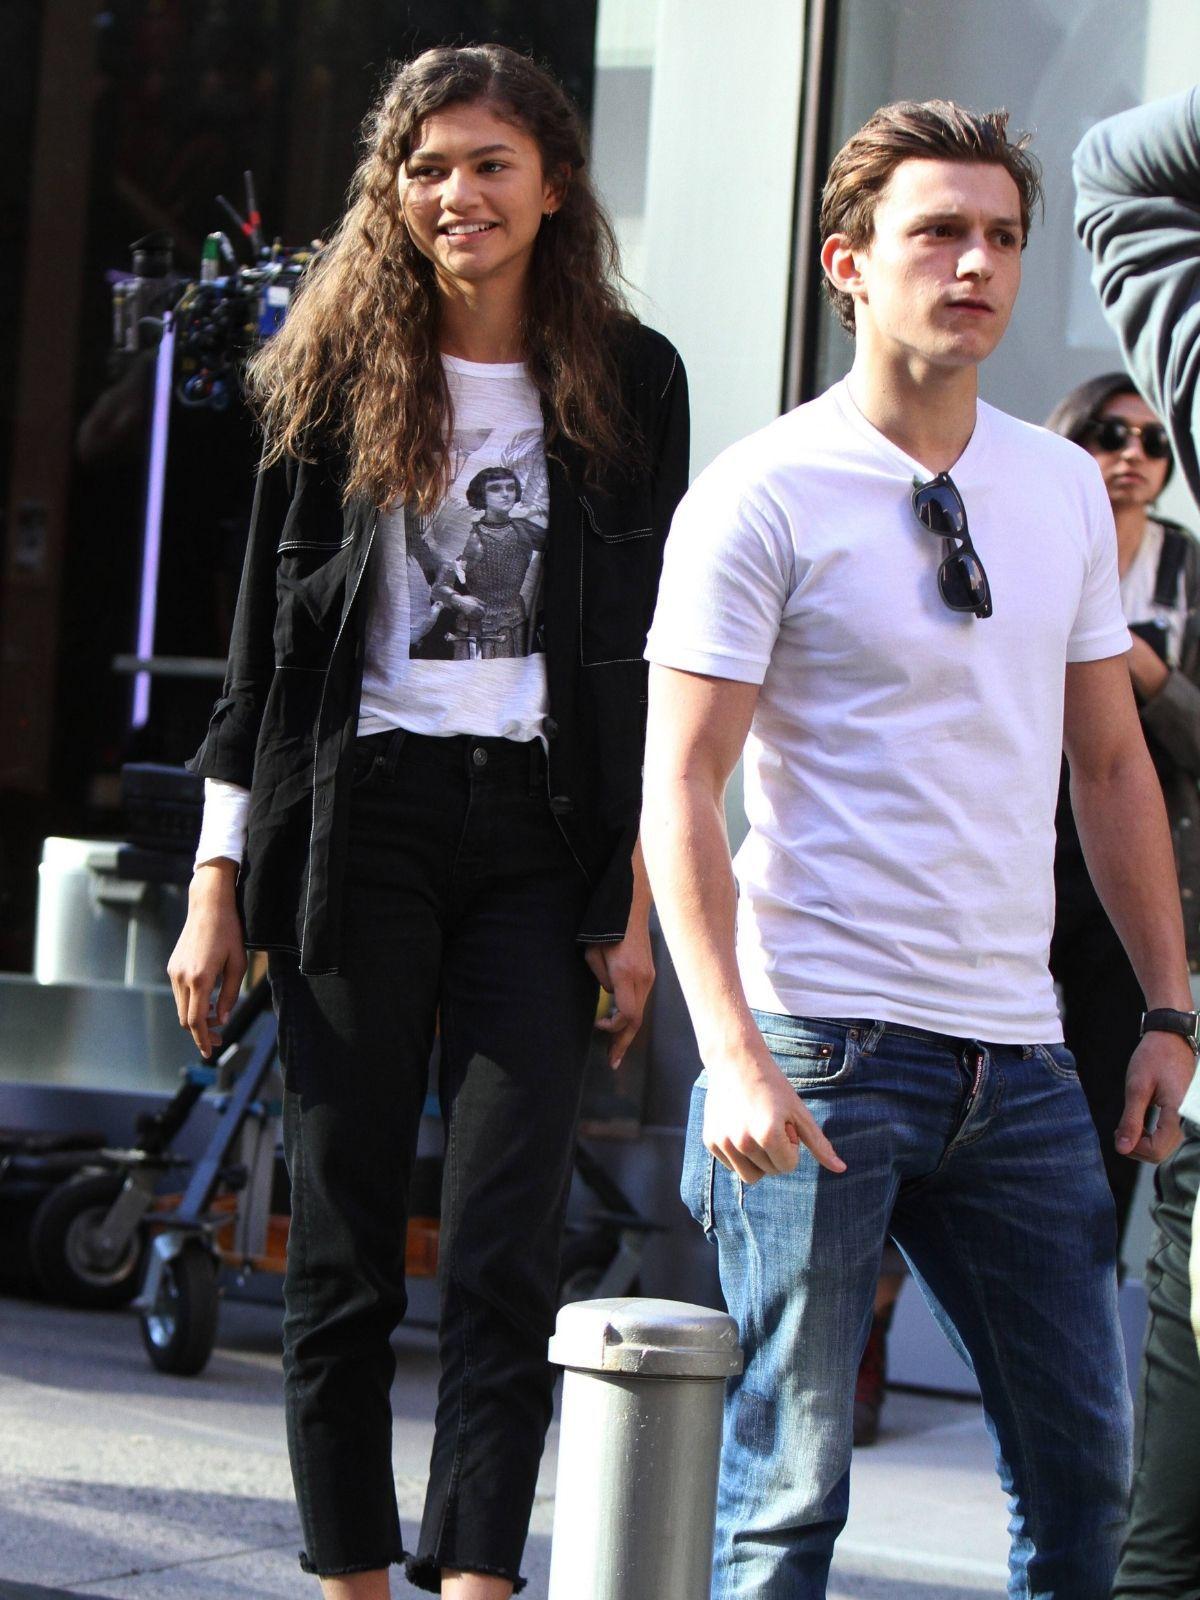 Zendaya und Tom Holland beim Knutschen erwischt - sind sie ein Paar?